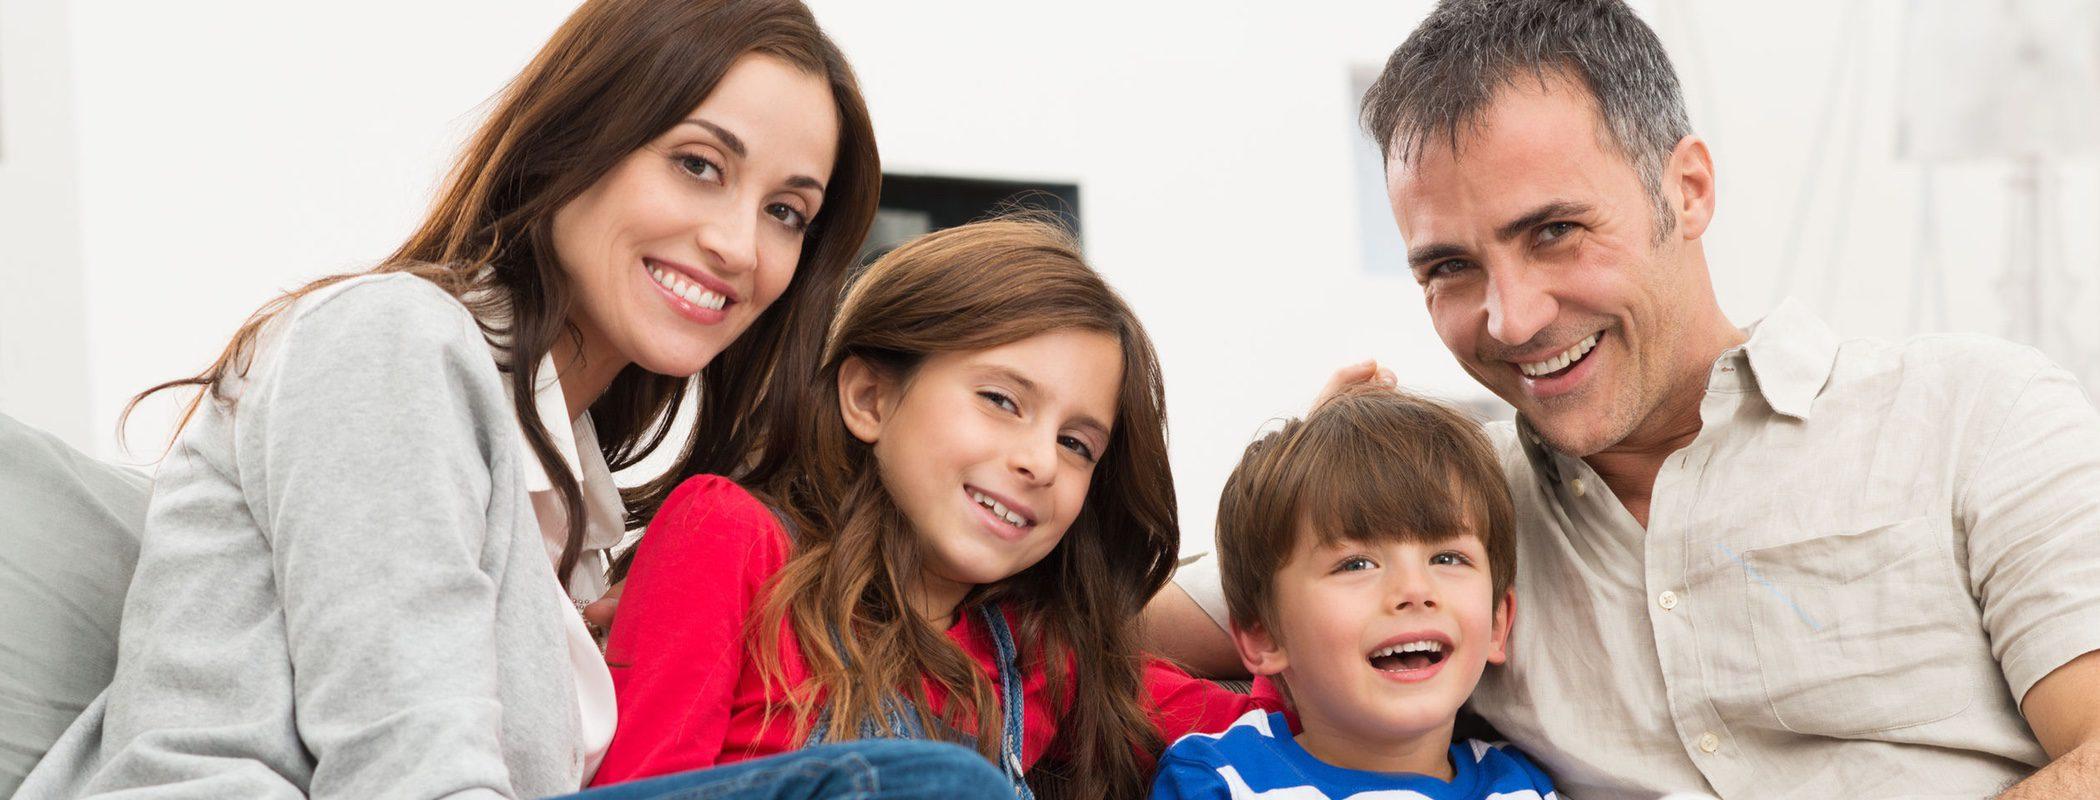 Frases que los padres dicen a sus hijas y no a sus hijos y que tú no deberías repetir